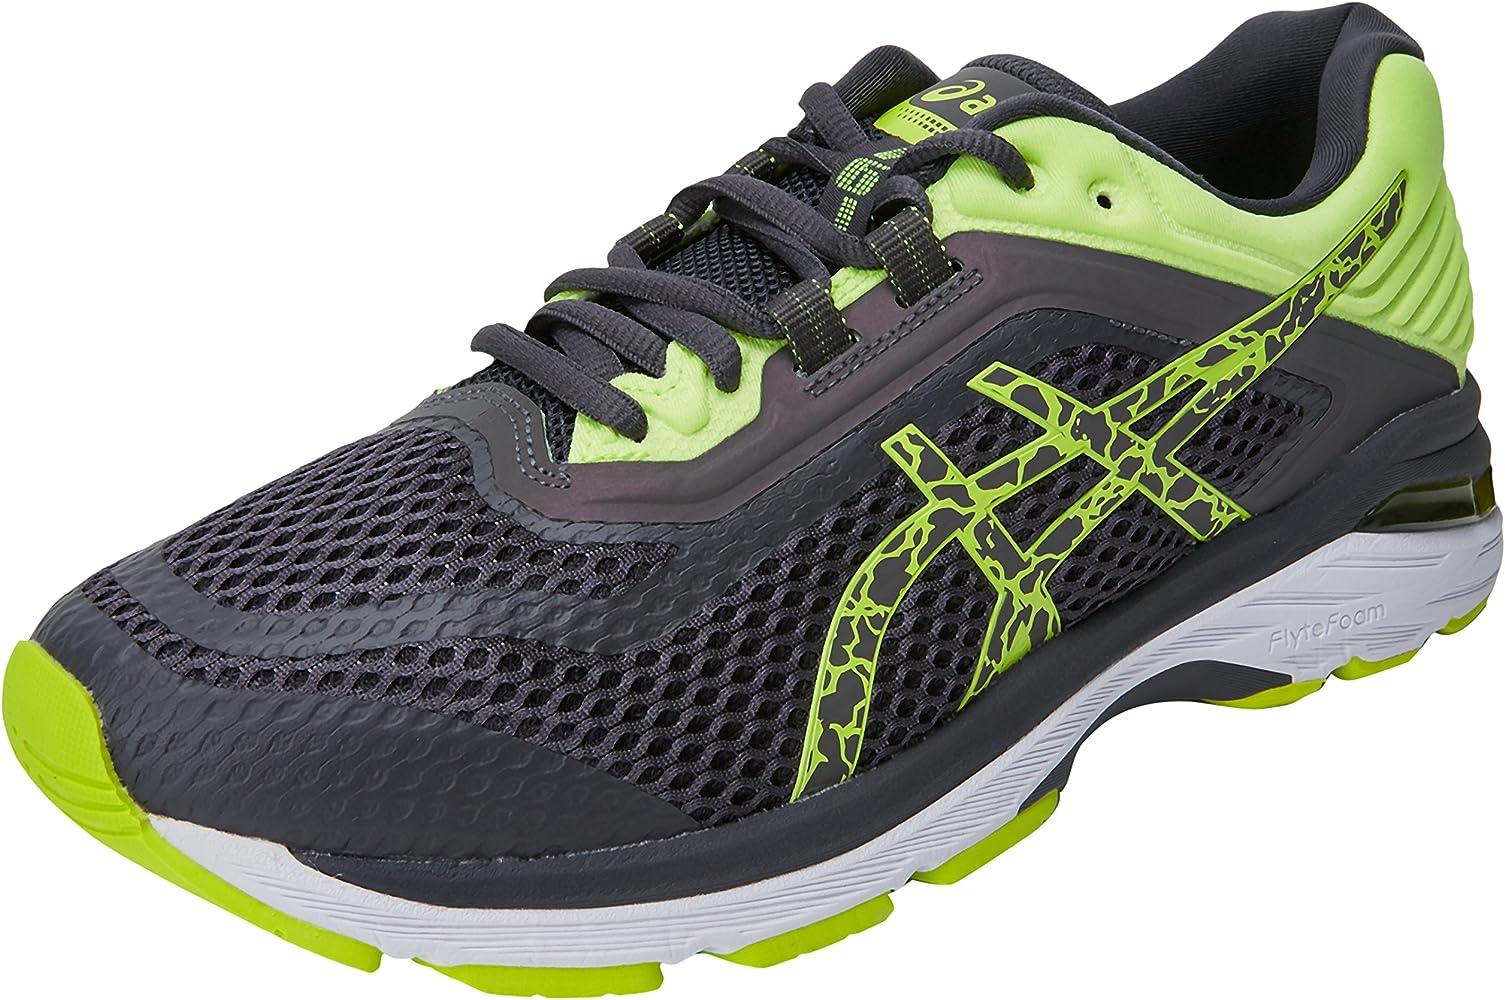 Asics GT-2000 6 Lite-Show, Zapatillas de Entrenamiento para Hombre, Gris (Dark Grey/Dark Grey/Safety Yellow 9595), 41.5 EU: Amazon.es: Zapatos y complementos